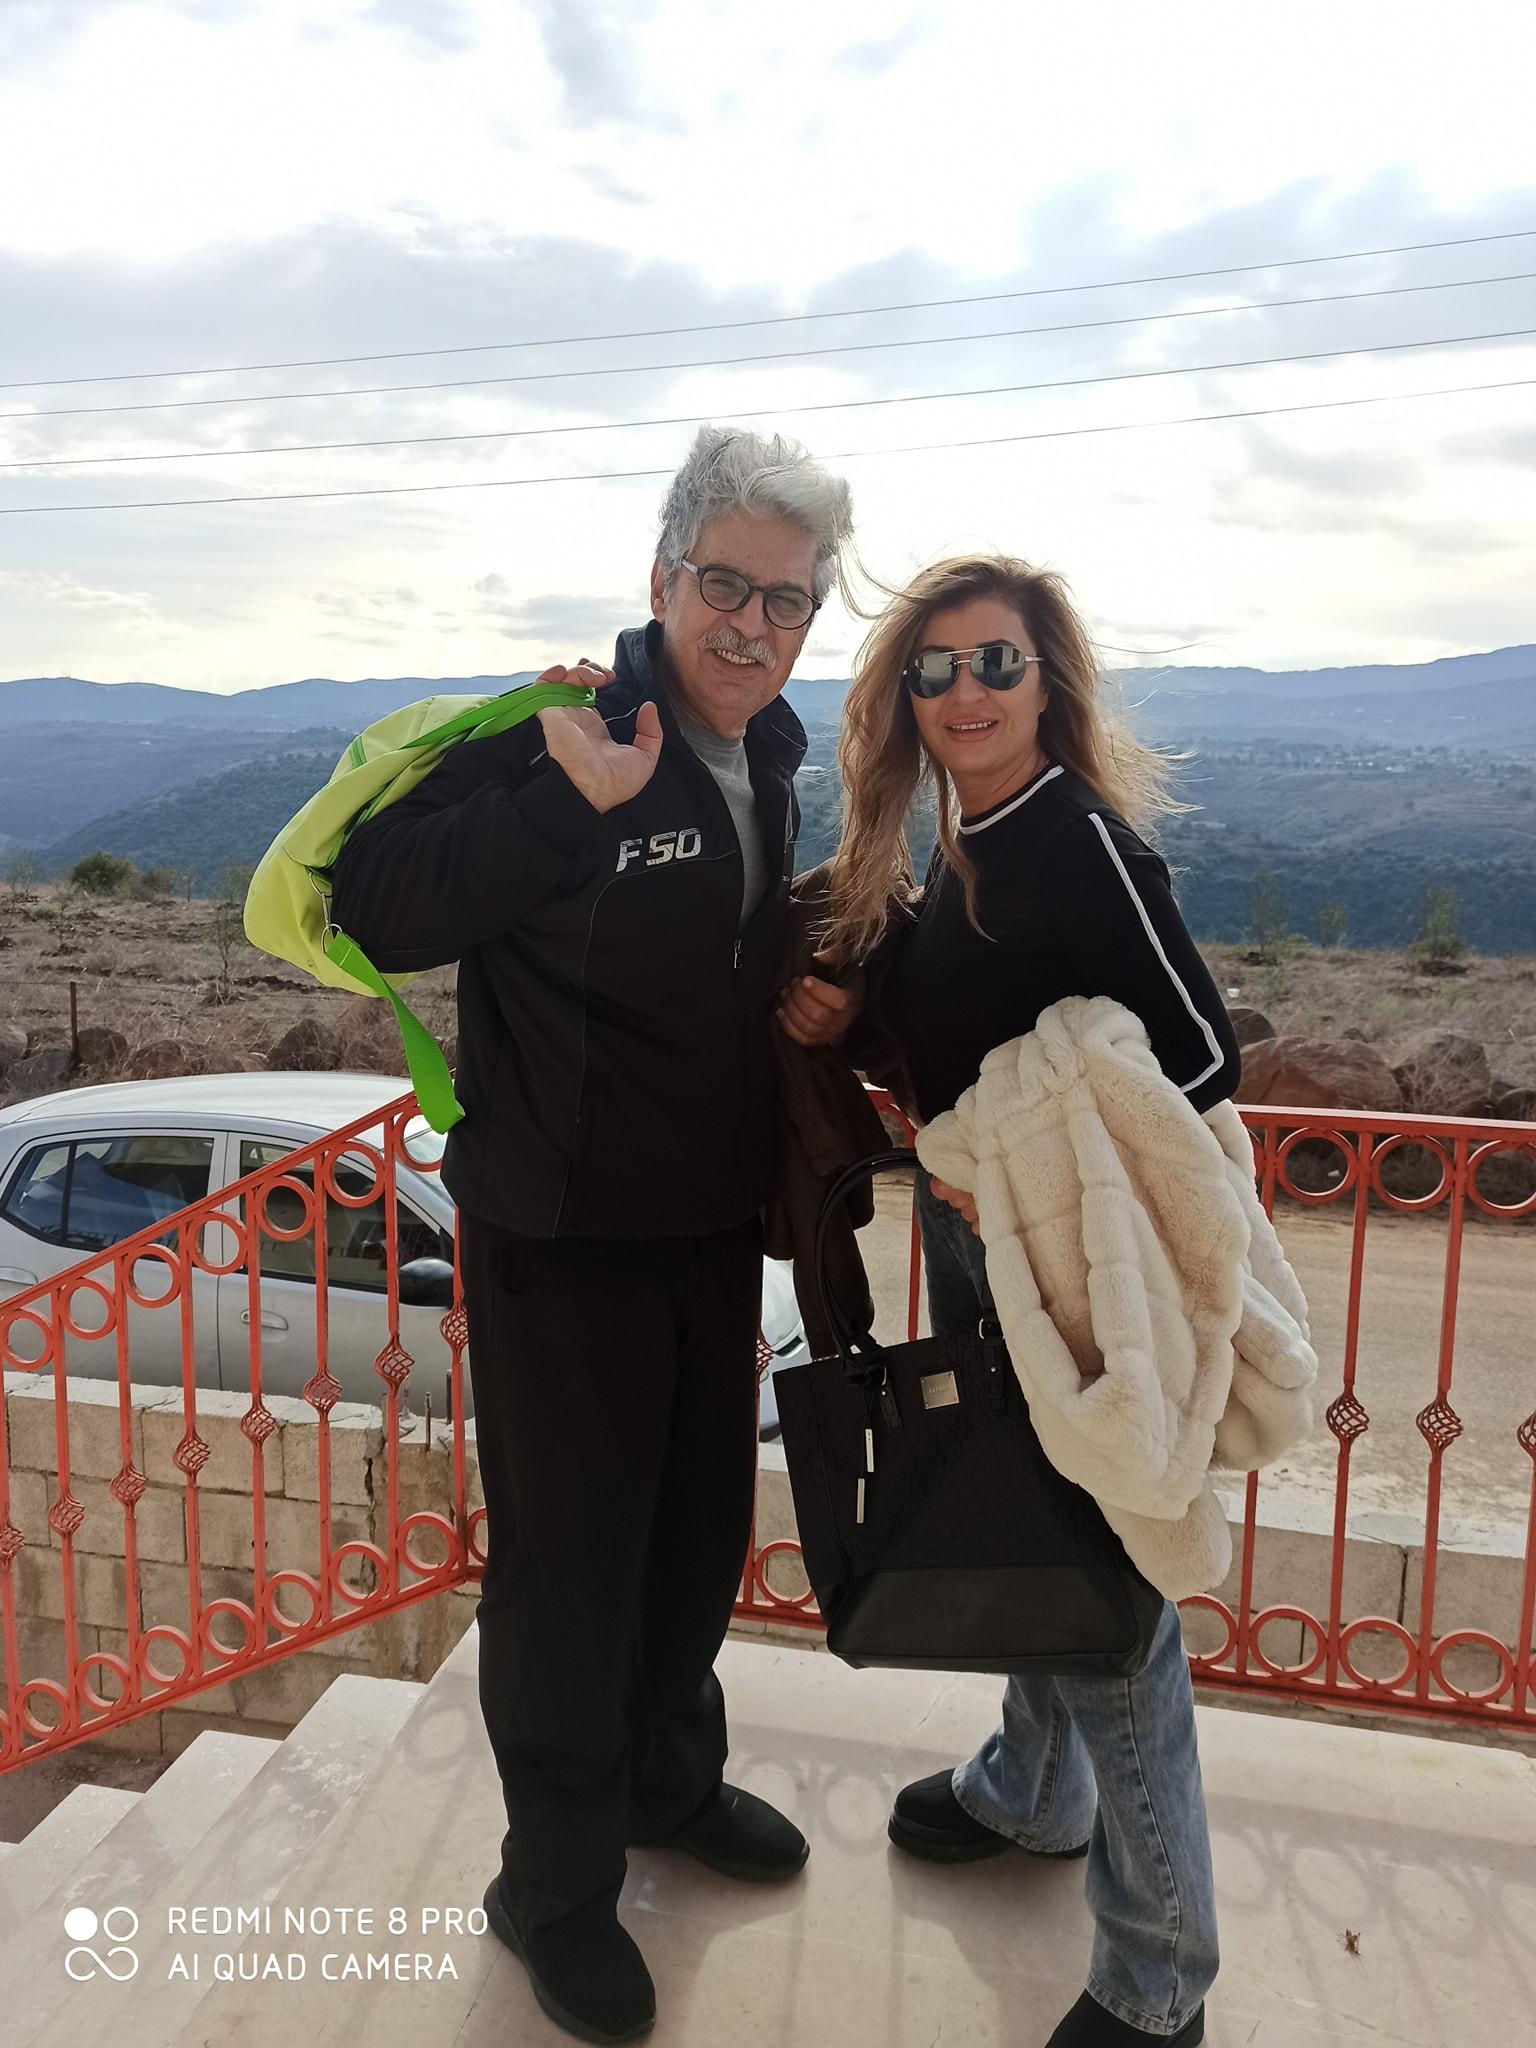 عباس النوري و زوجته عنود خالد - الصورة من فيسبوك عباس النوري.jpg